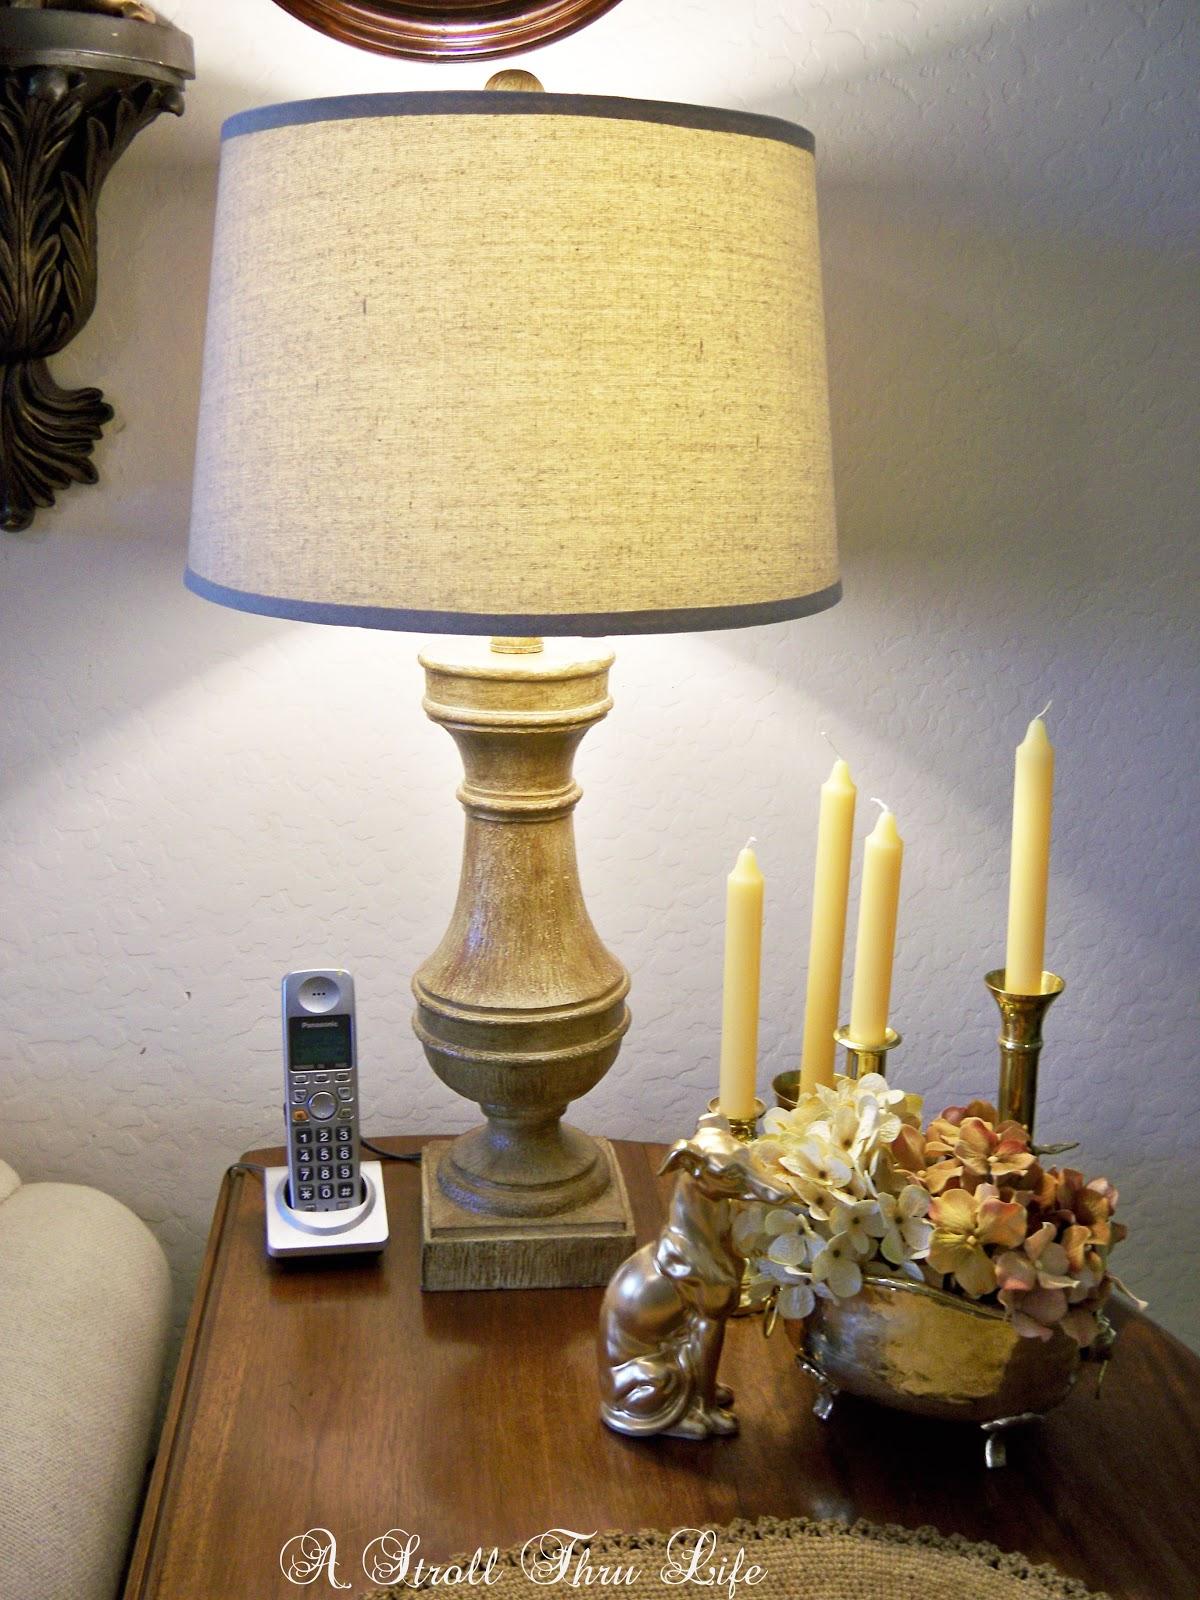 a new lamp & floral copy cat